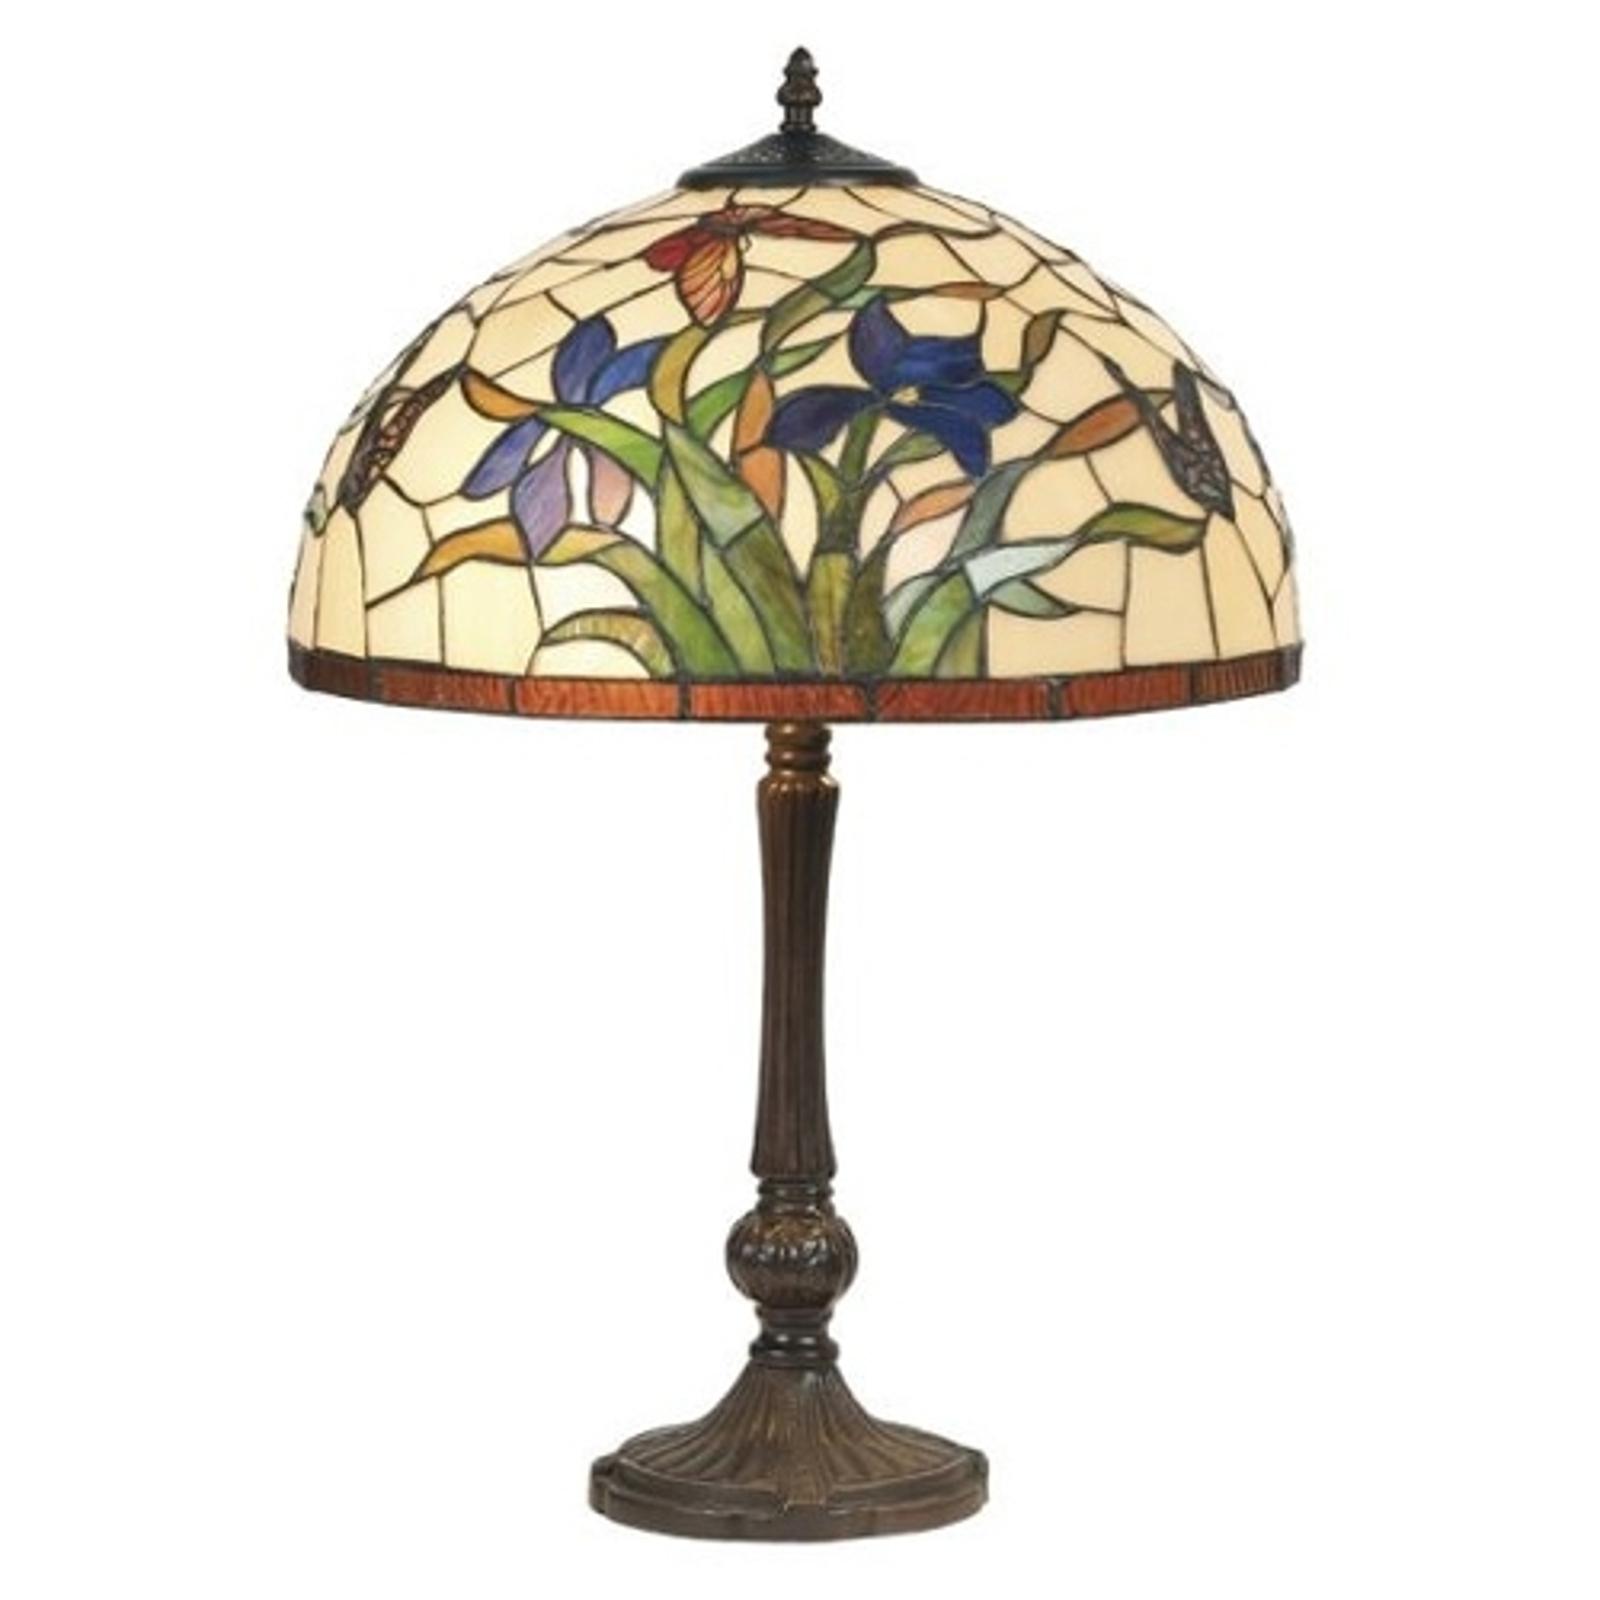 Lampa stołowa Elanda w stylu Tiffany, 62 cm